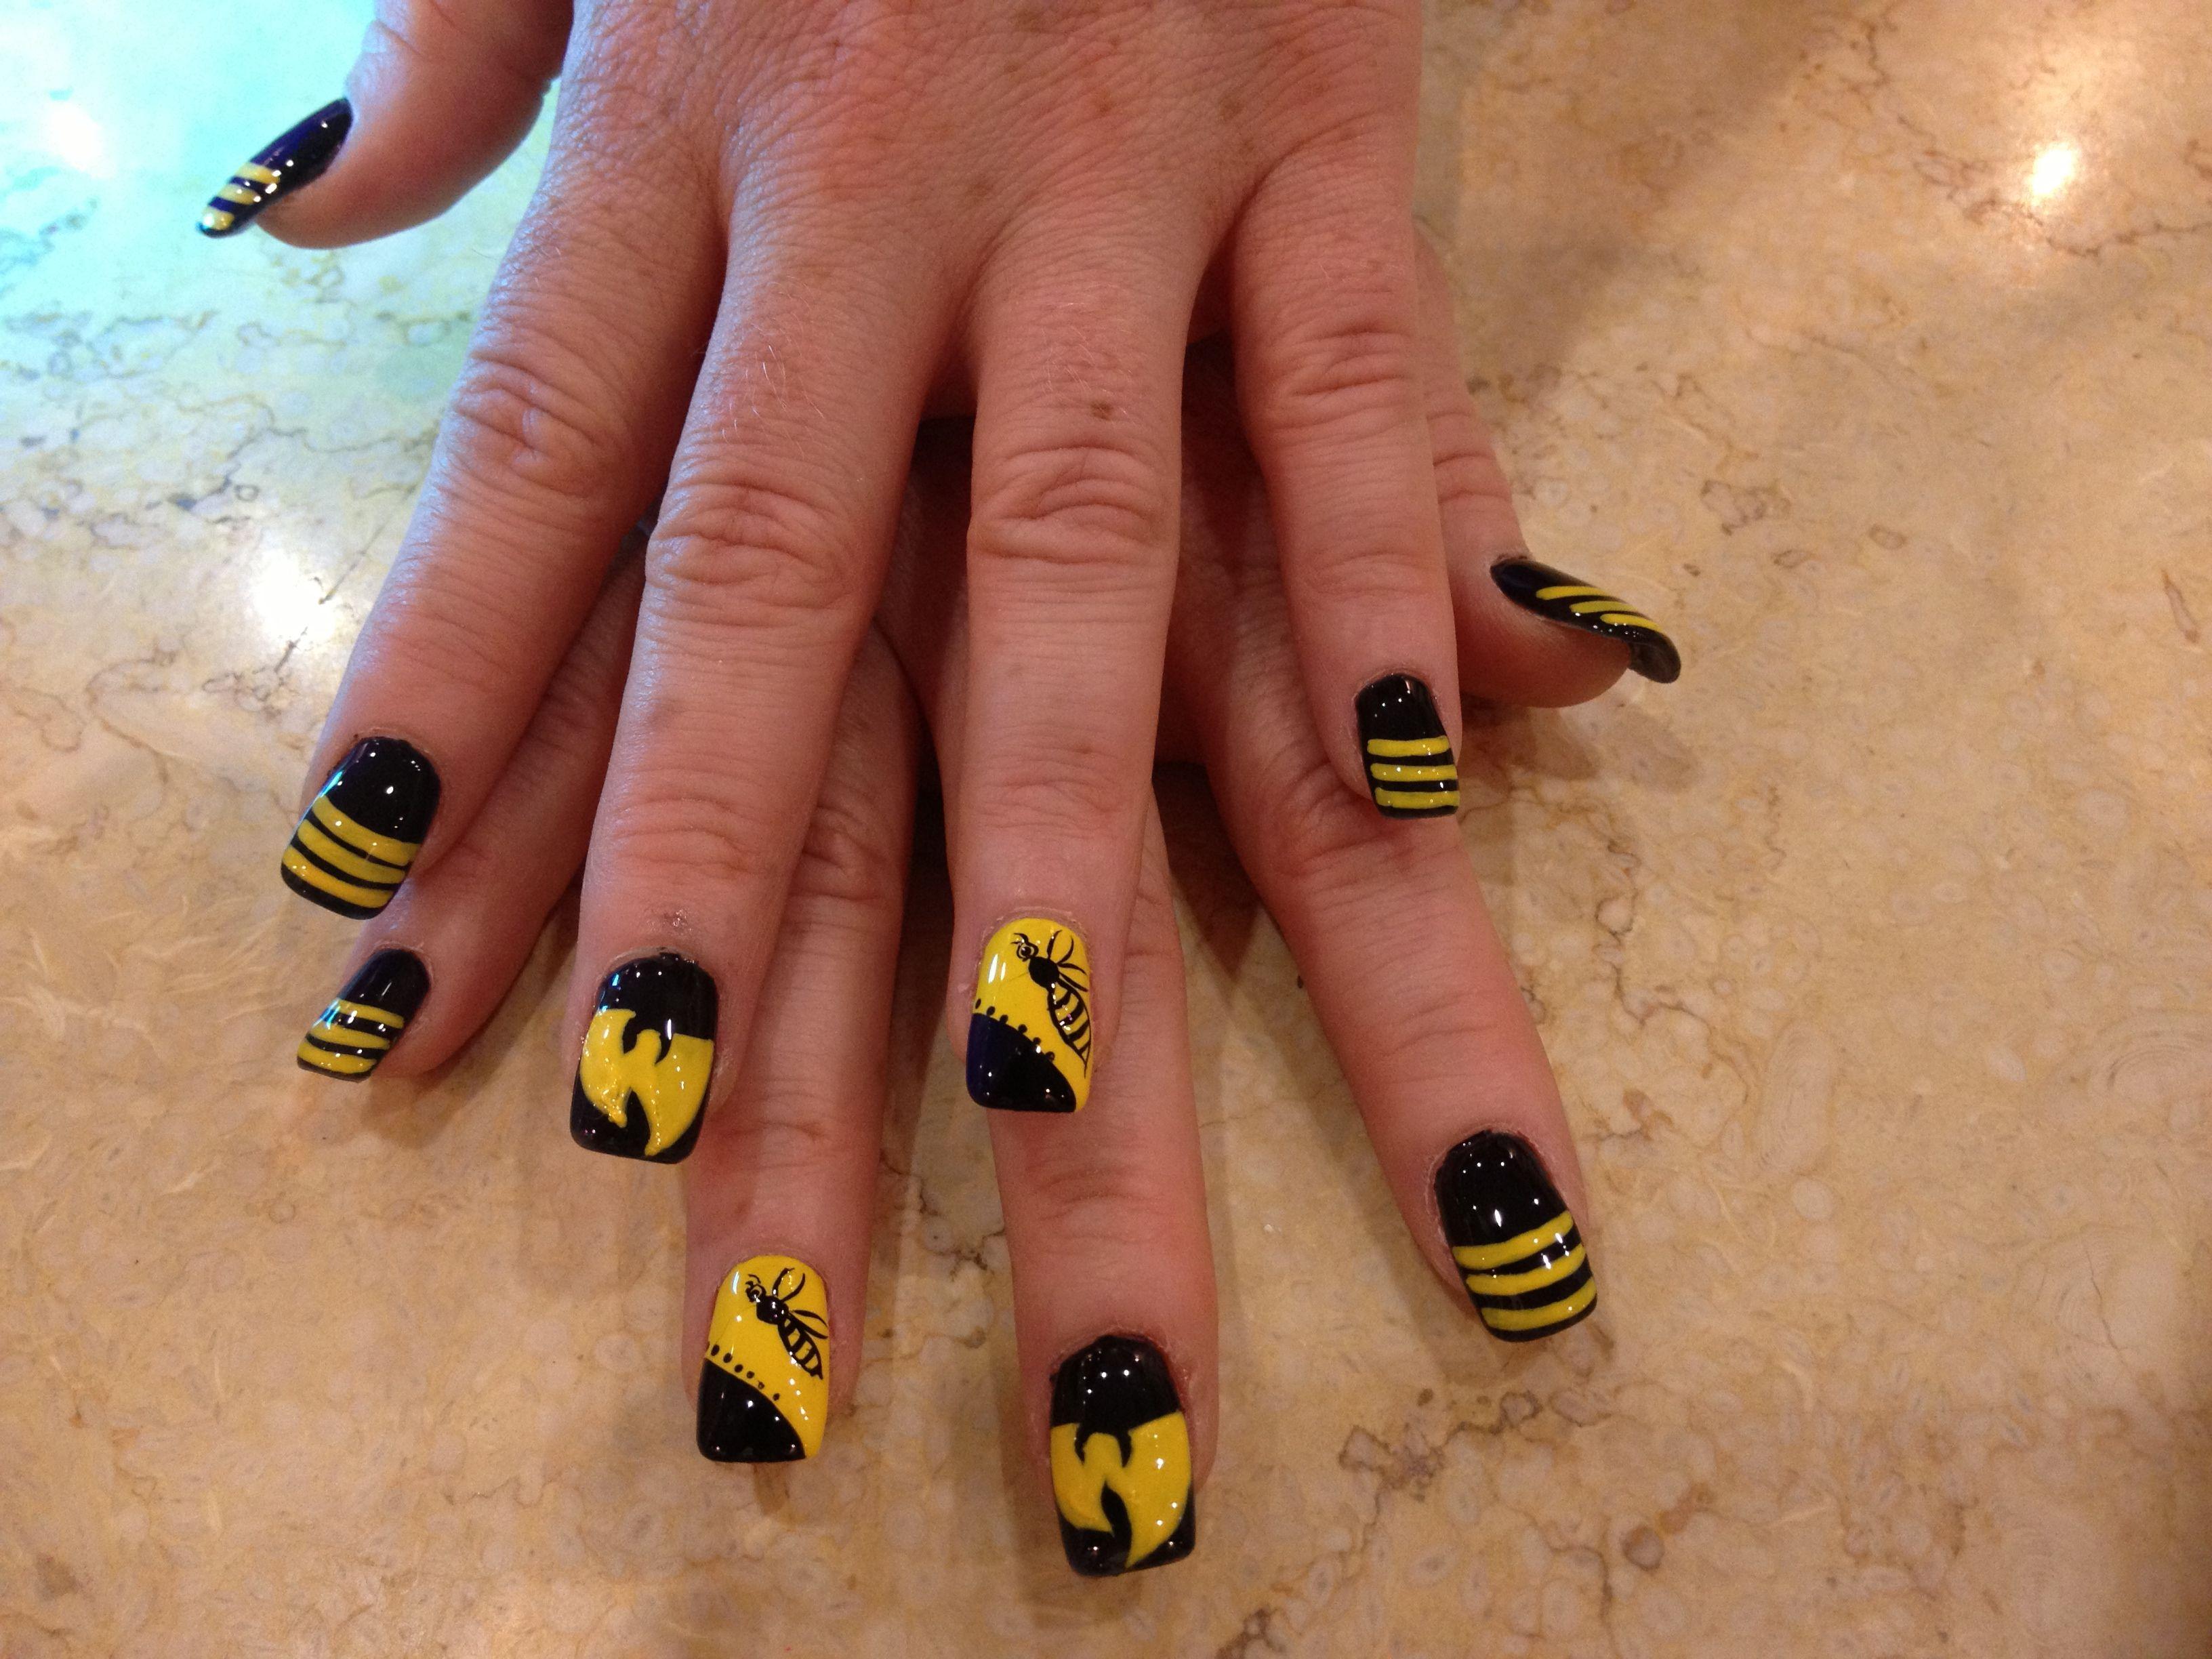 Wu-tang nails! | WuTang | Pinterest | Wu tang and Style nails